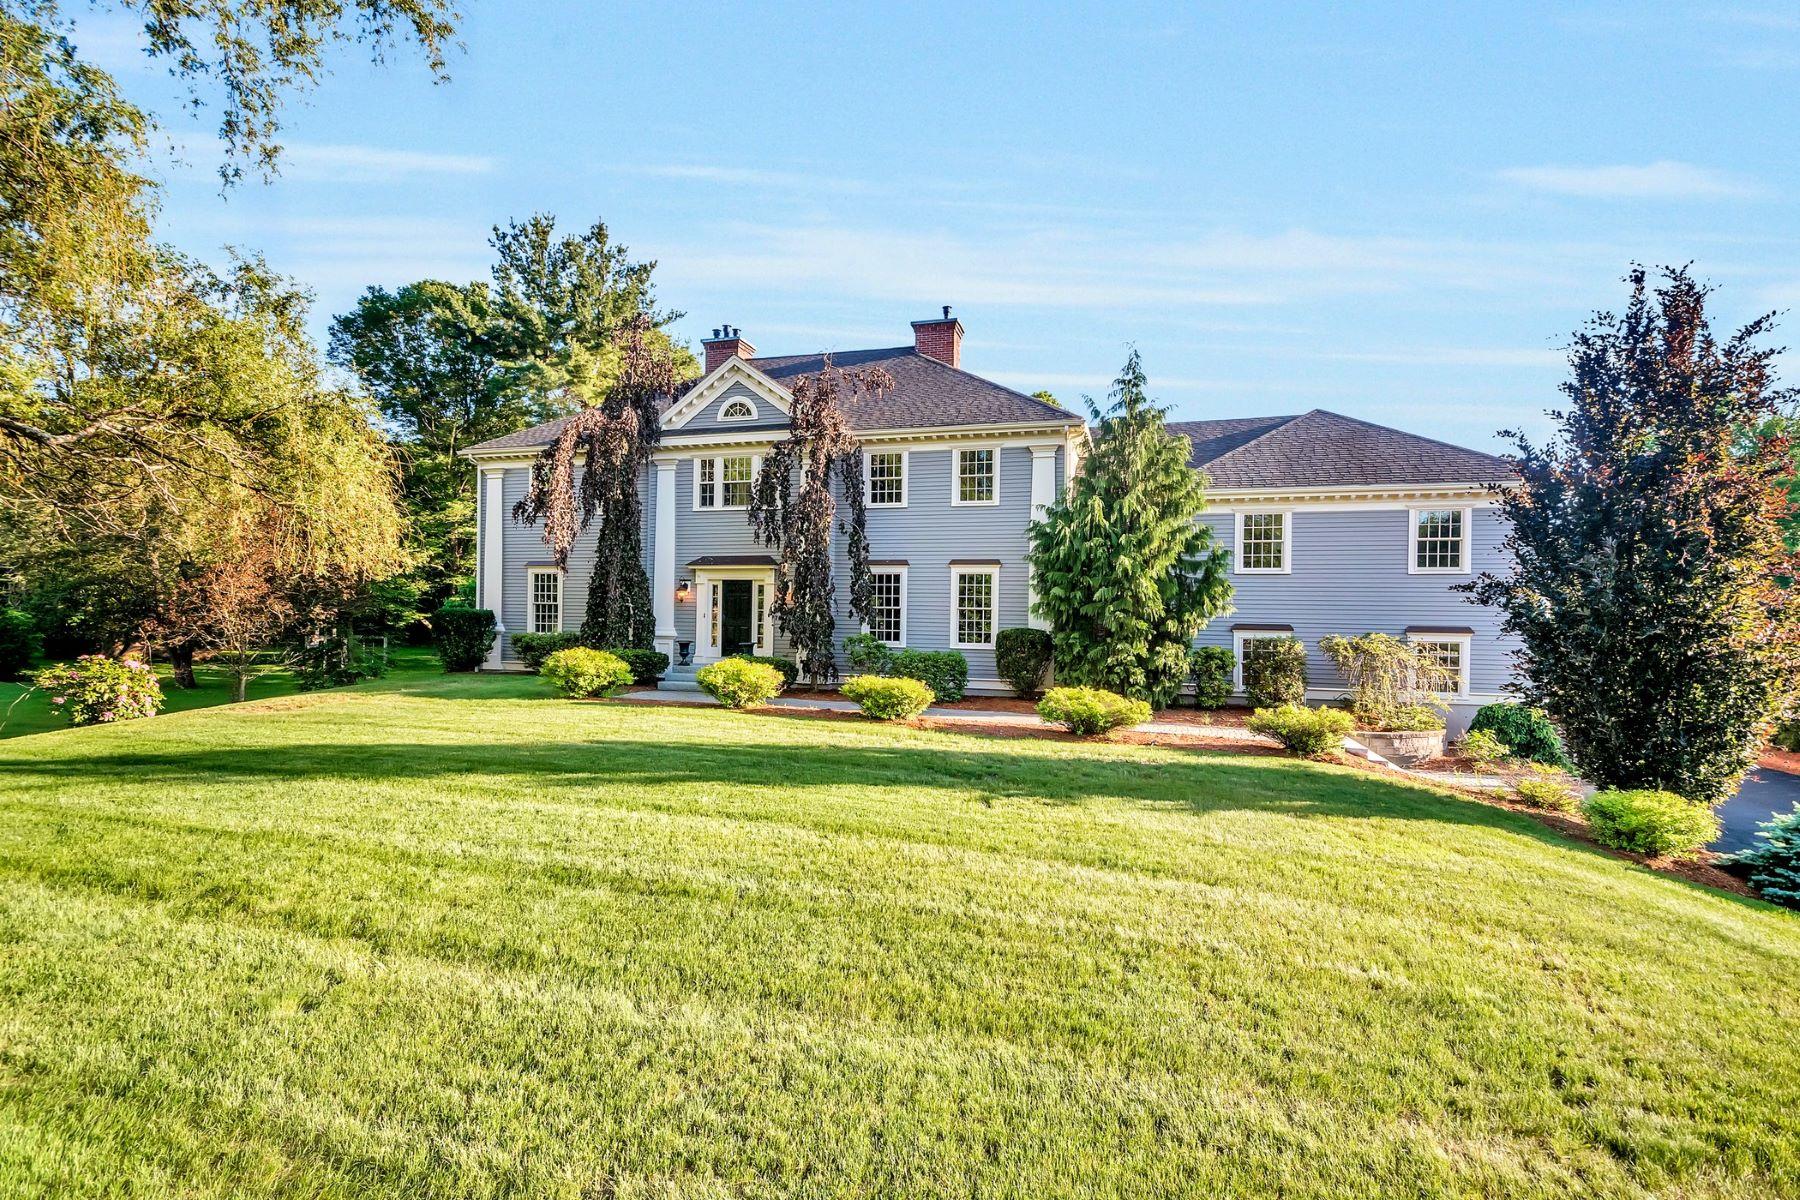 Tek Ailelik Ev için Satış at Short Walk To Concord Center on Sidewalk 142 Cambridge Turnpike Concord, Massachusetts, 01742 Amerika Birleşik Devletleri